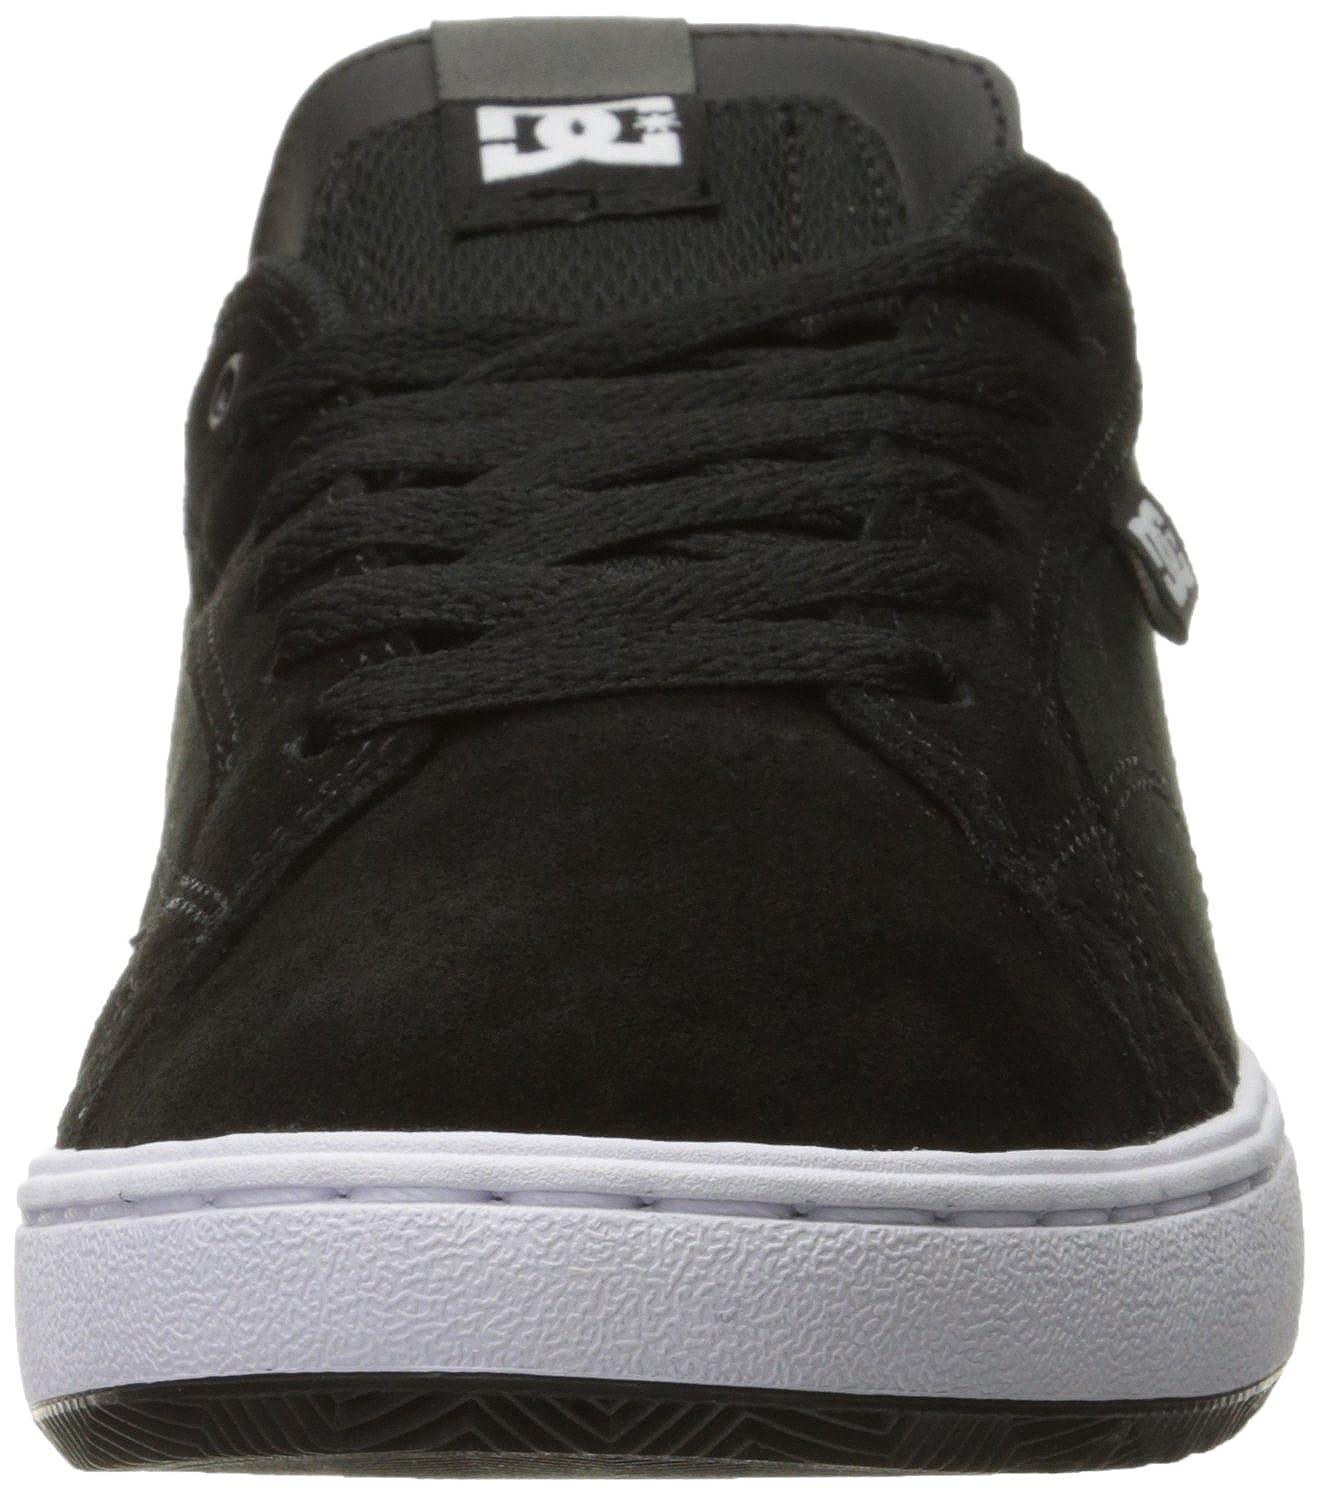 hommes / femmes dc liste hommes est nouvelle liste dc nouveau respirable chaussures 132a0e